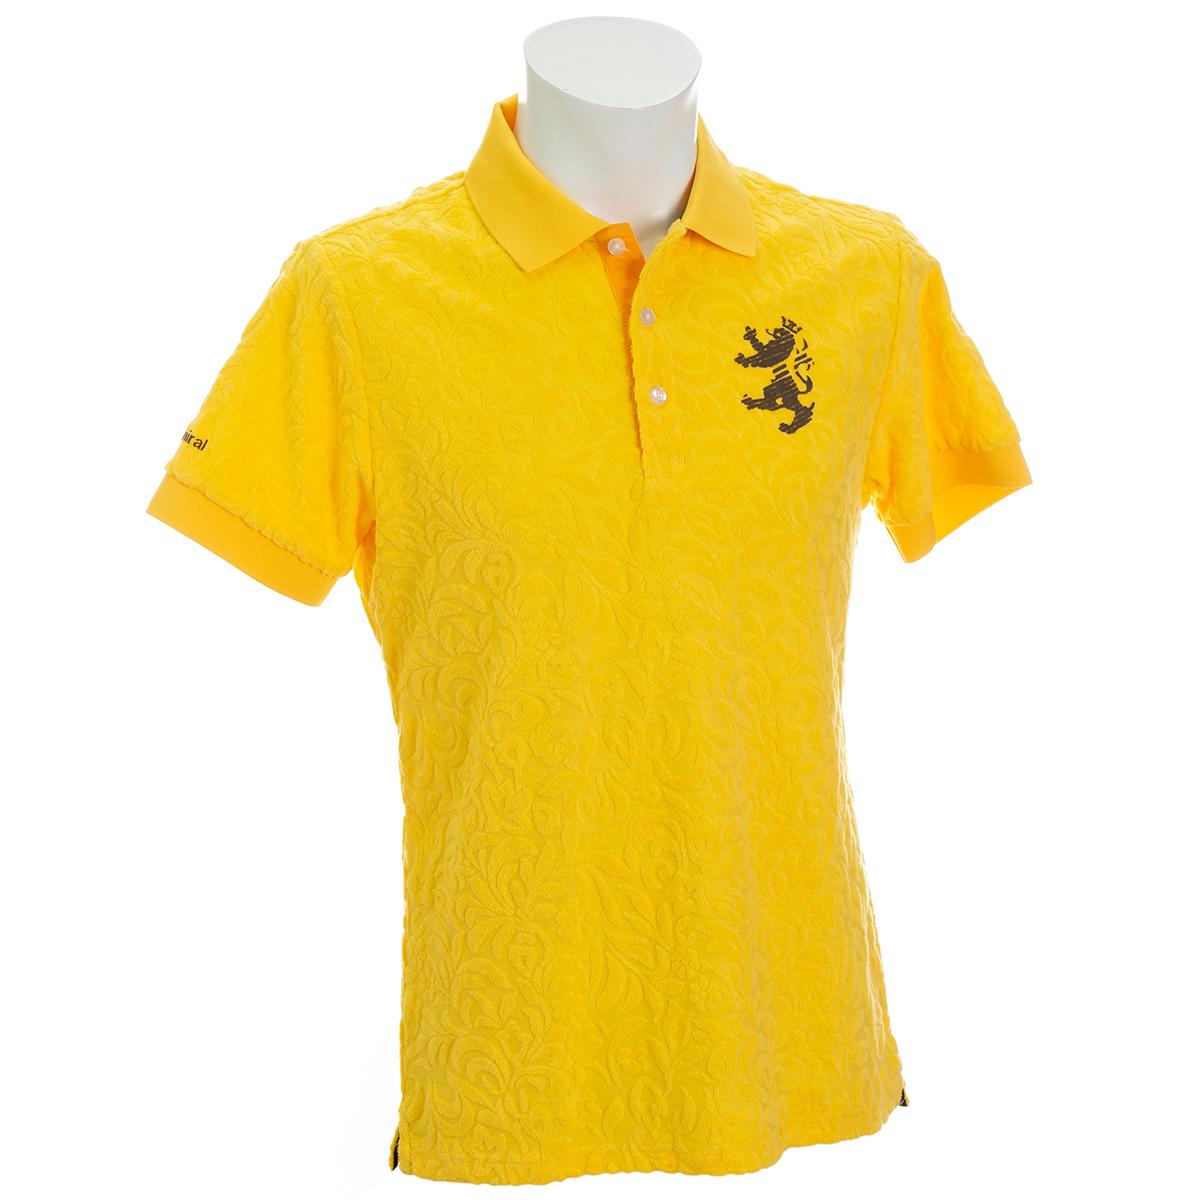 リーフパイル ストレッチ半袖ポロシャツ